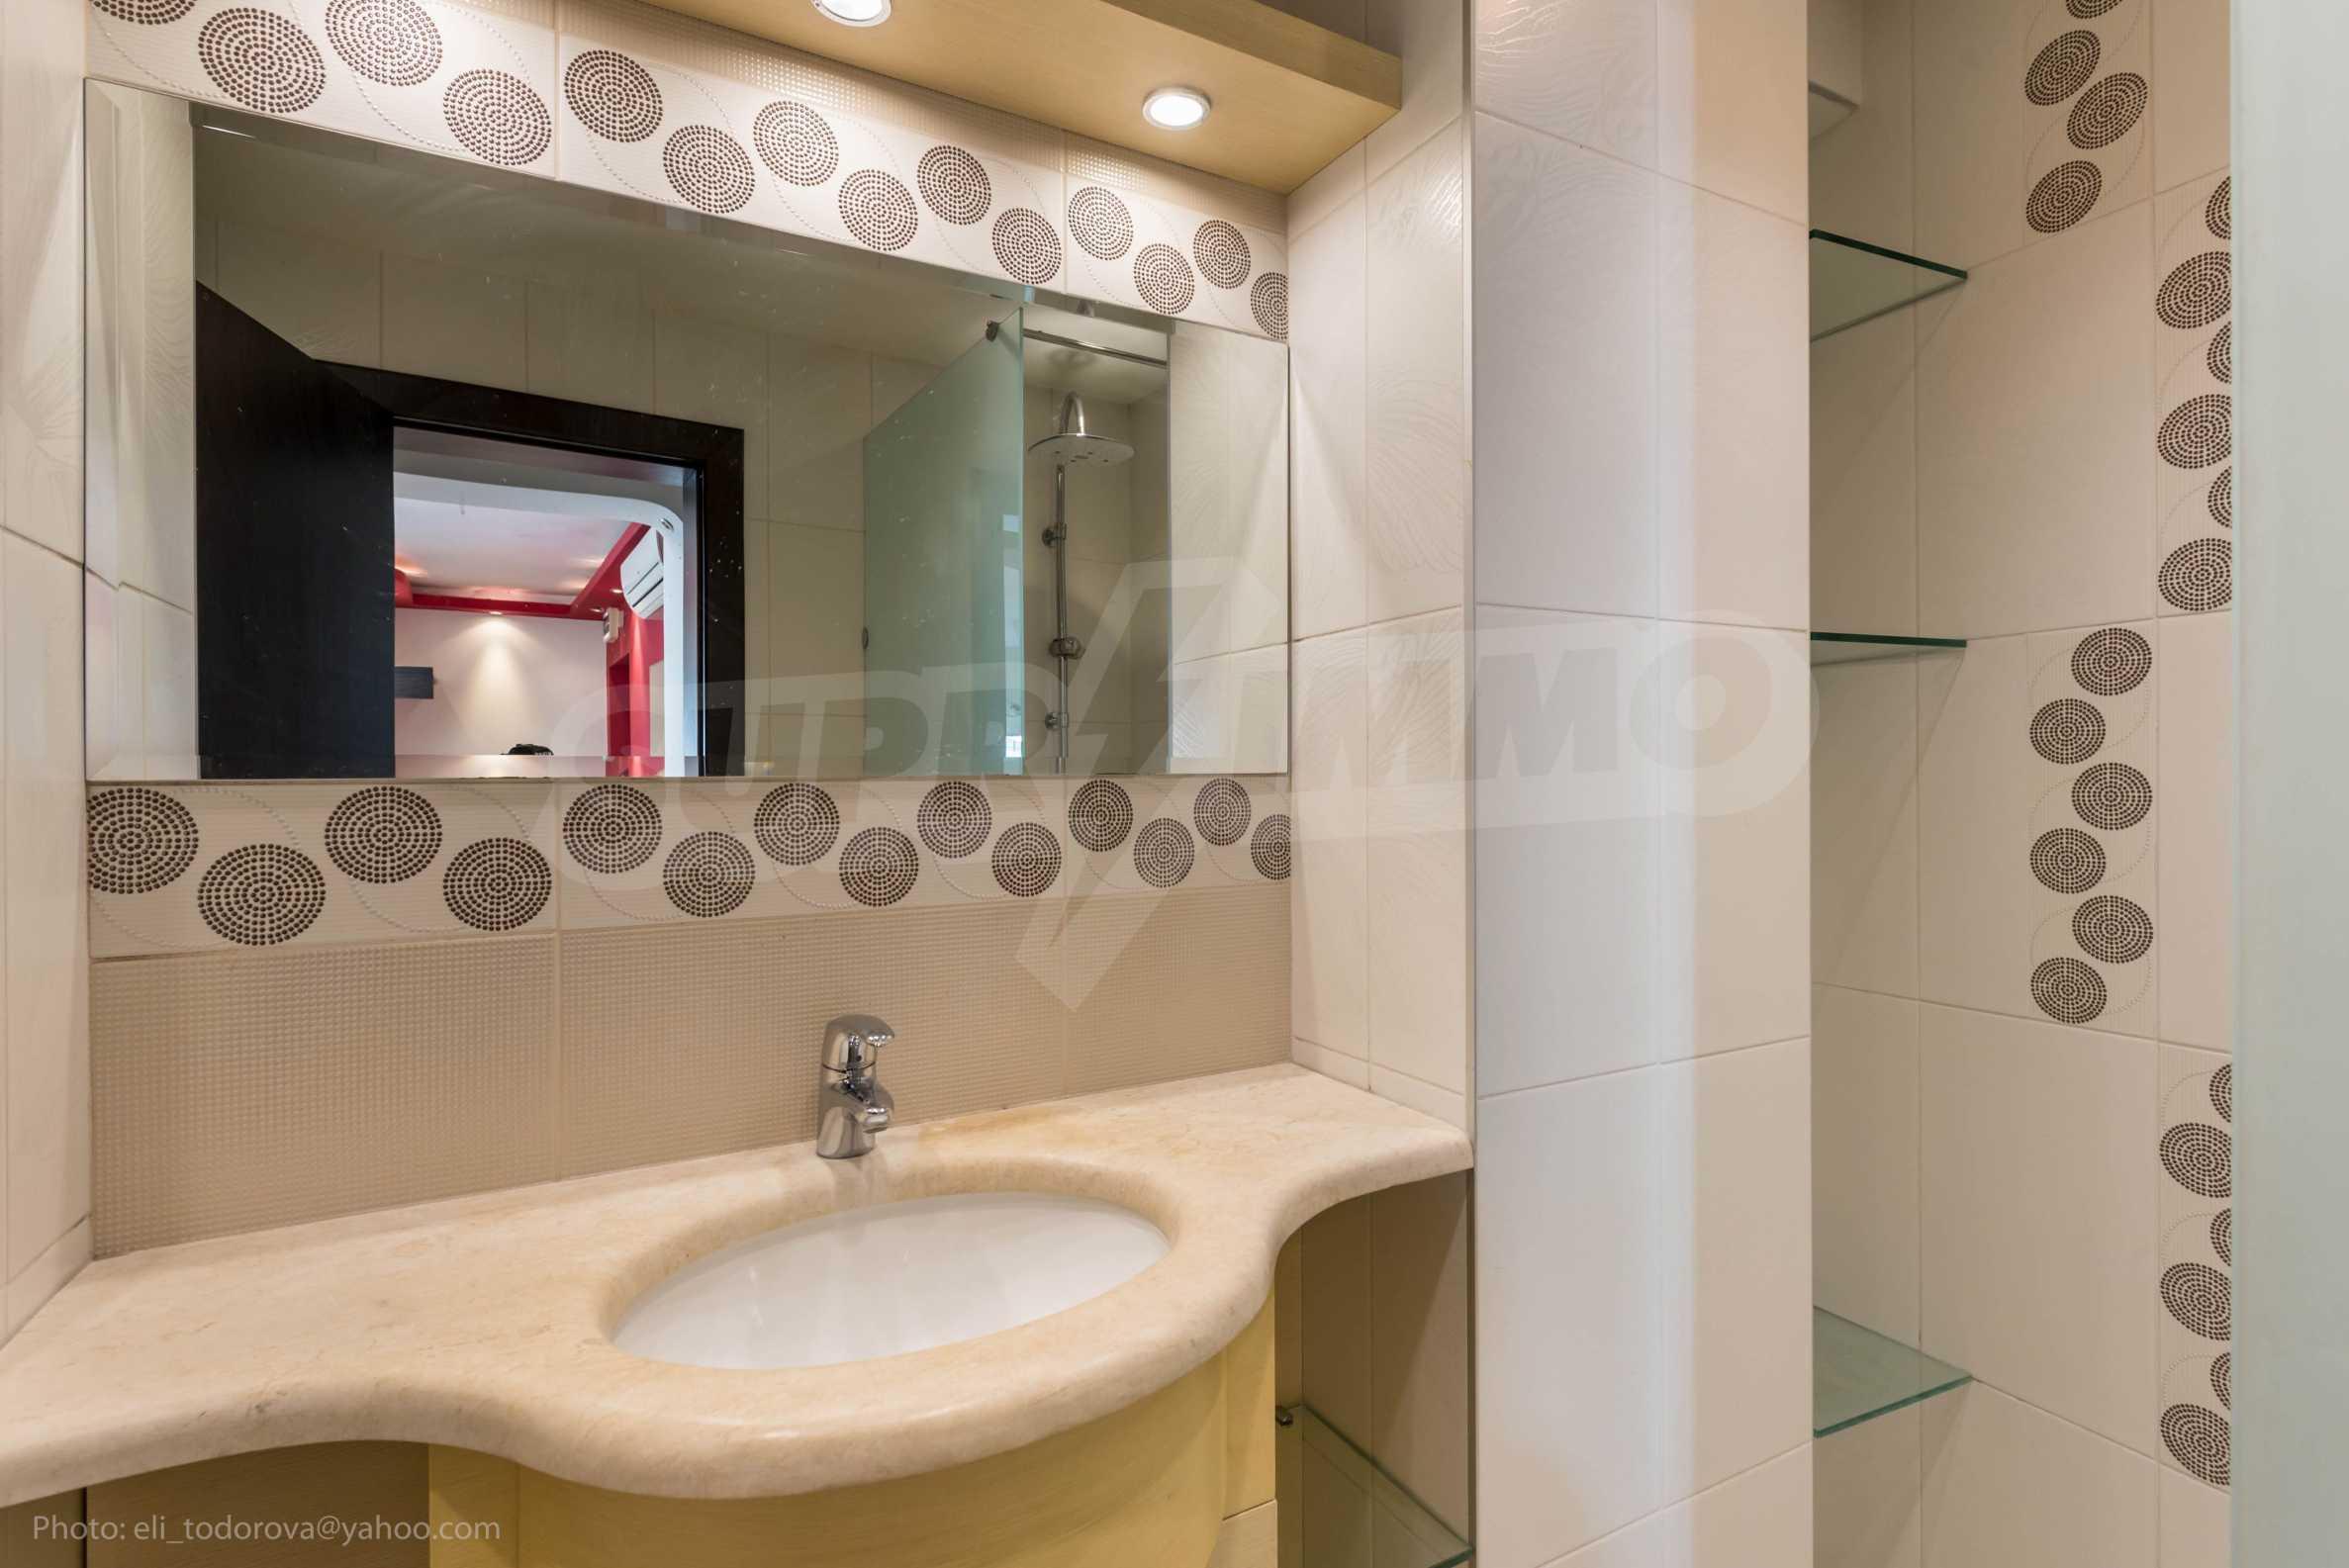 Квартира «Миша» - отличная трехкомнатная недвижимость в идеальном центре. 15